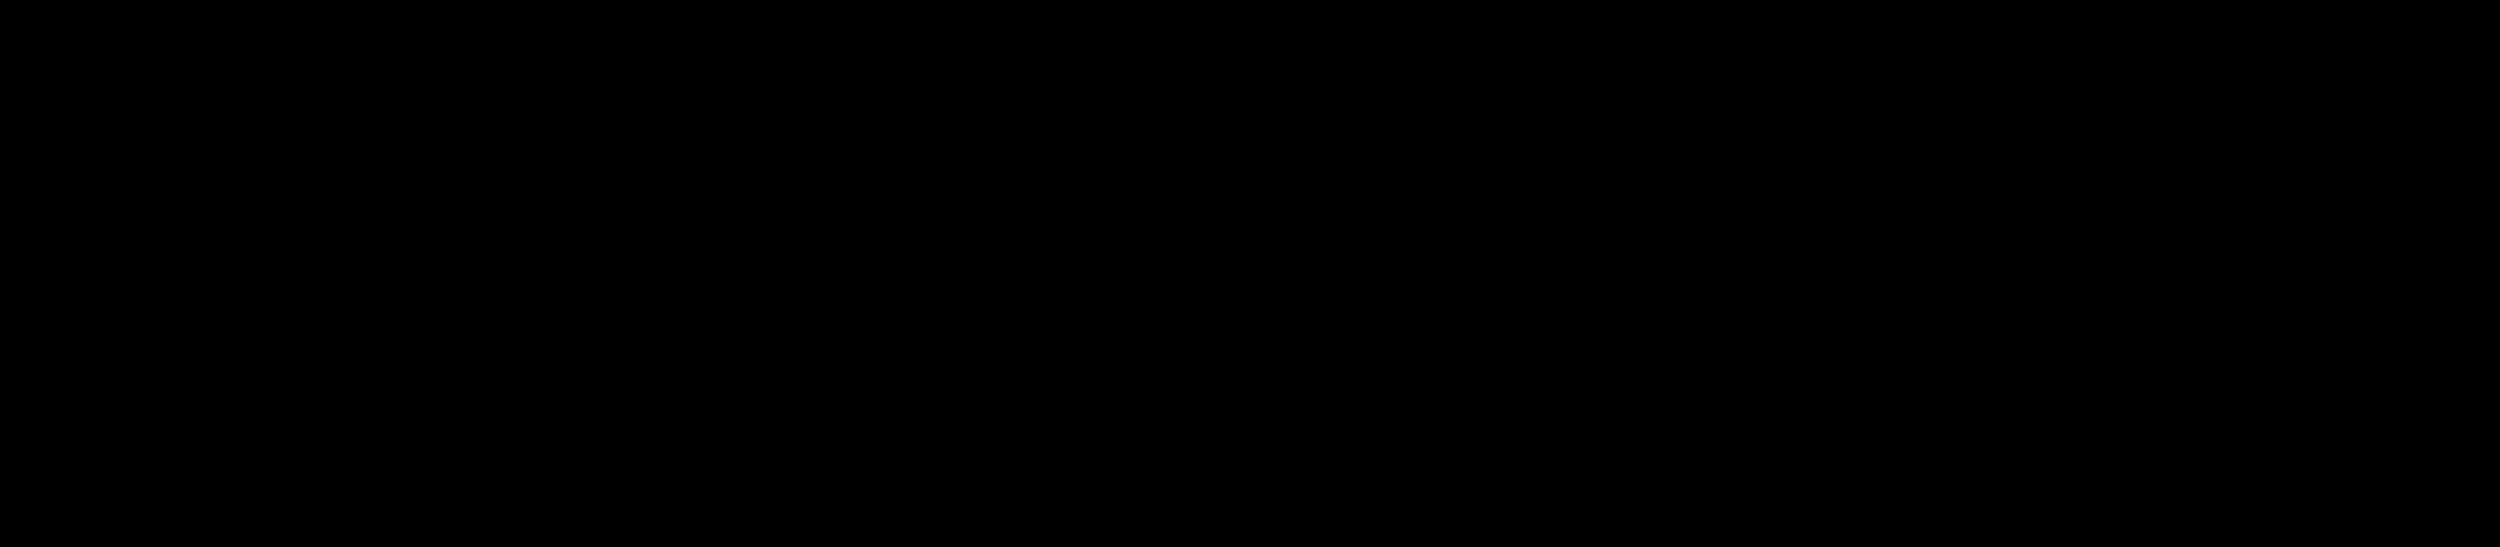 Design1 logo Black.png